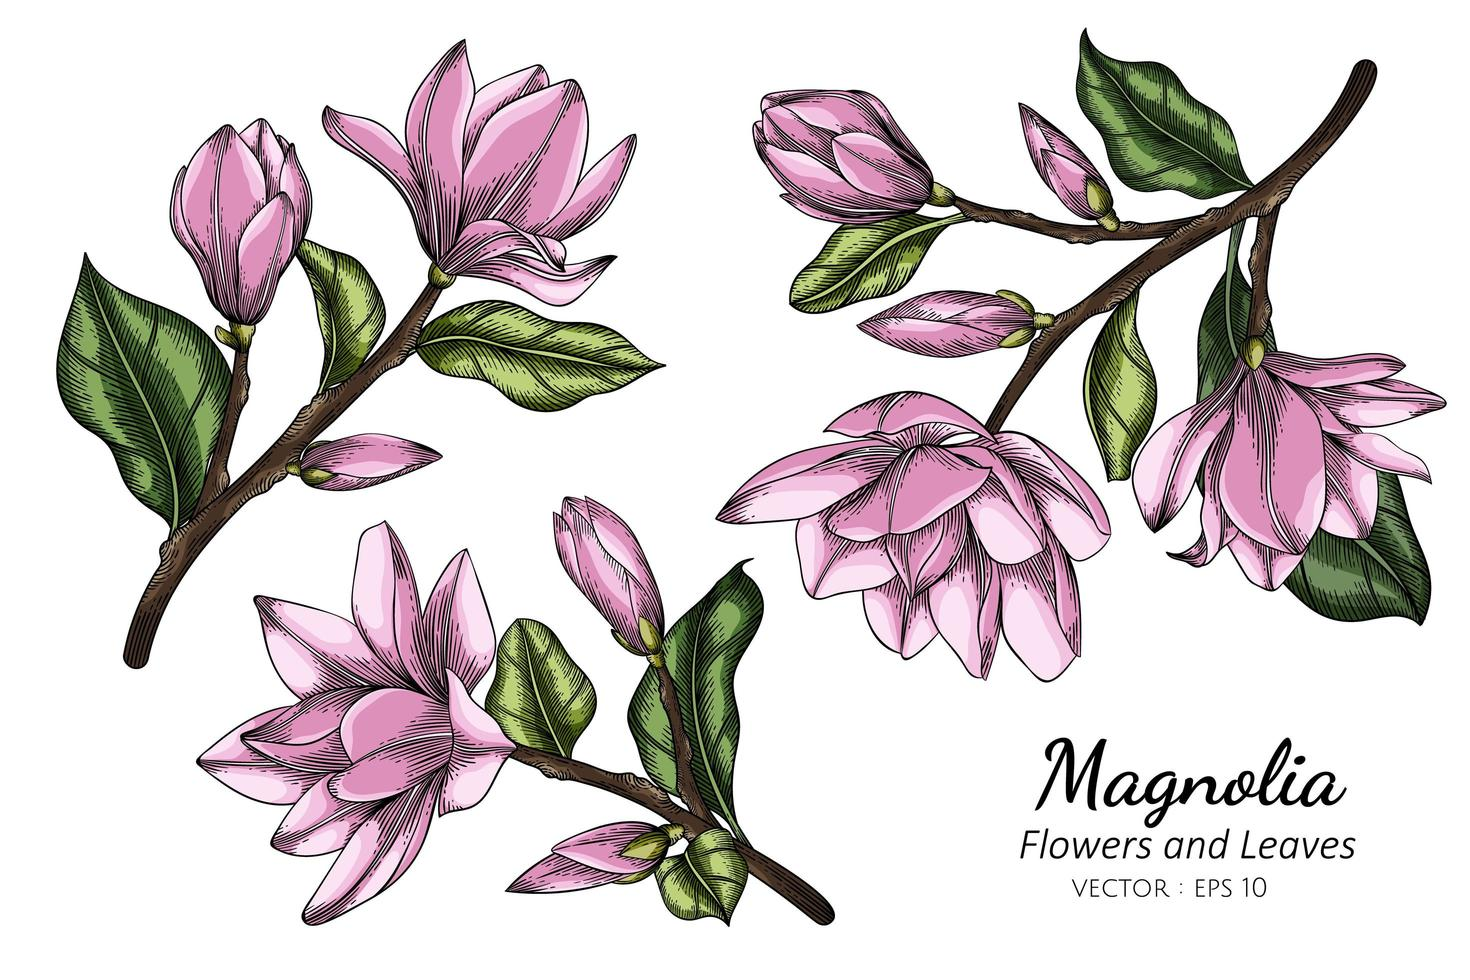 rosa magnoliablomma och bladritning vektor